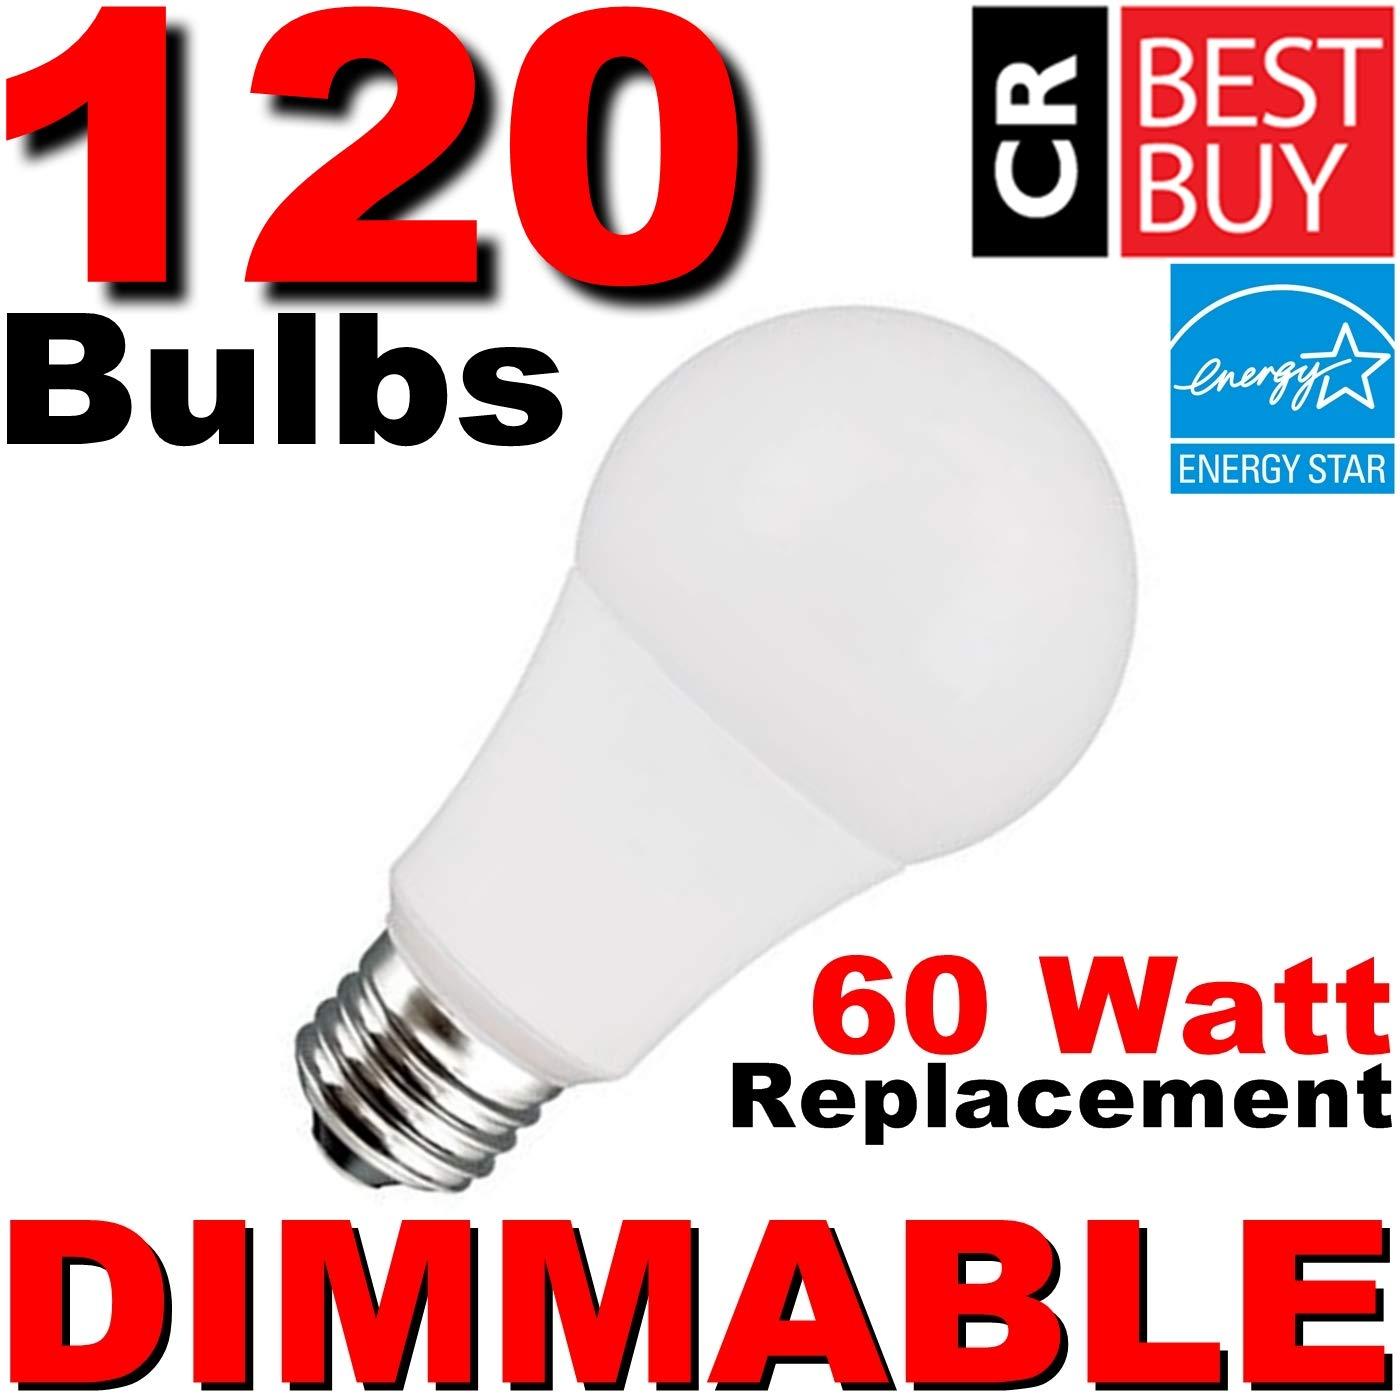 調光機能付き60 W LEDソフトホワイトa19 ~ ConsumerレポートBest Buy ~ 9.5 W (60ワット相当) 2700 Kライト電球、Made by TCP、120電球ケース B07FLLZSJD